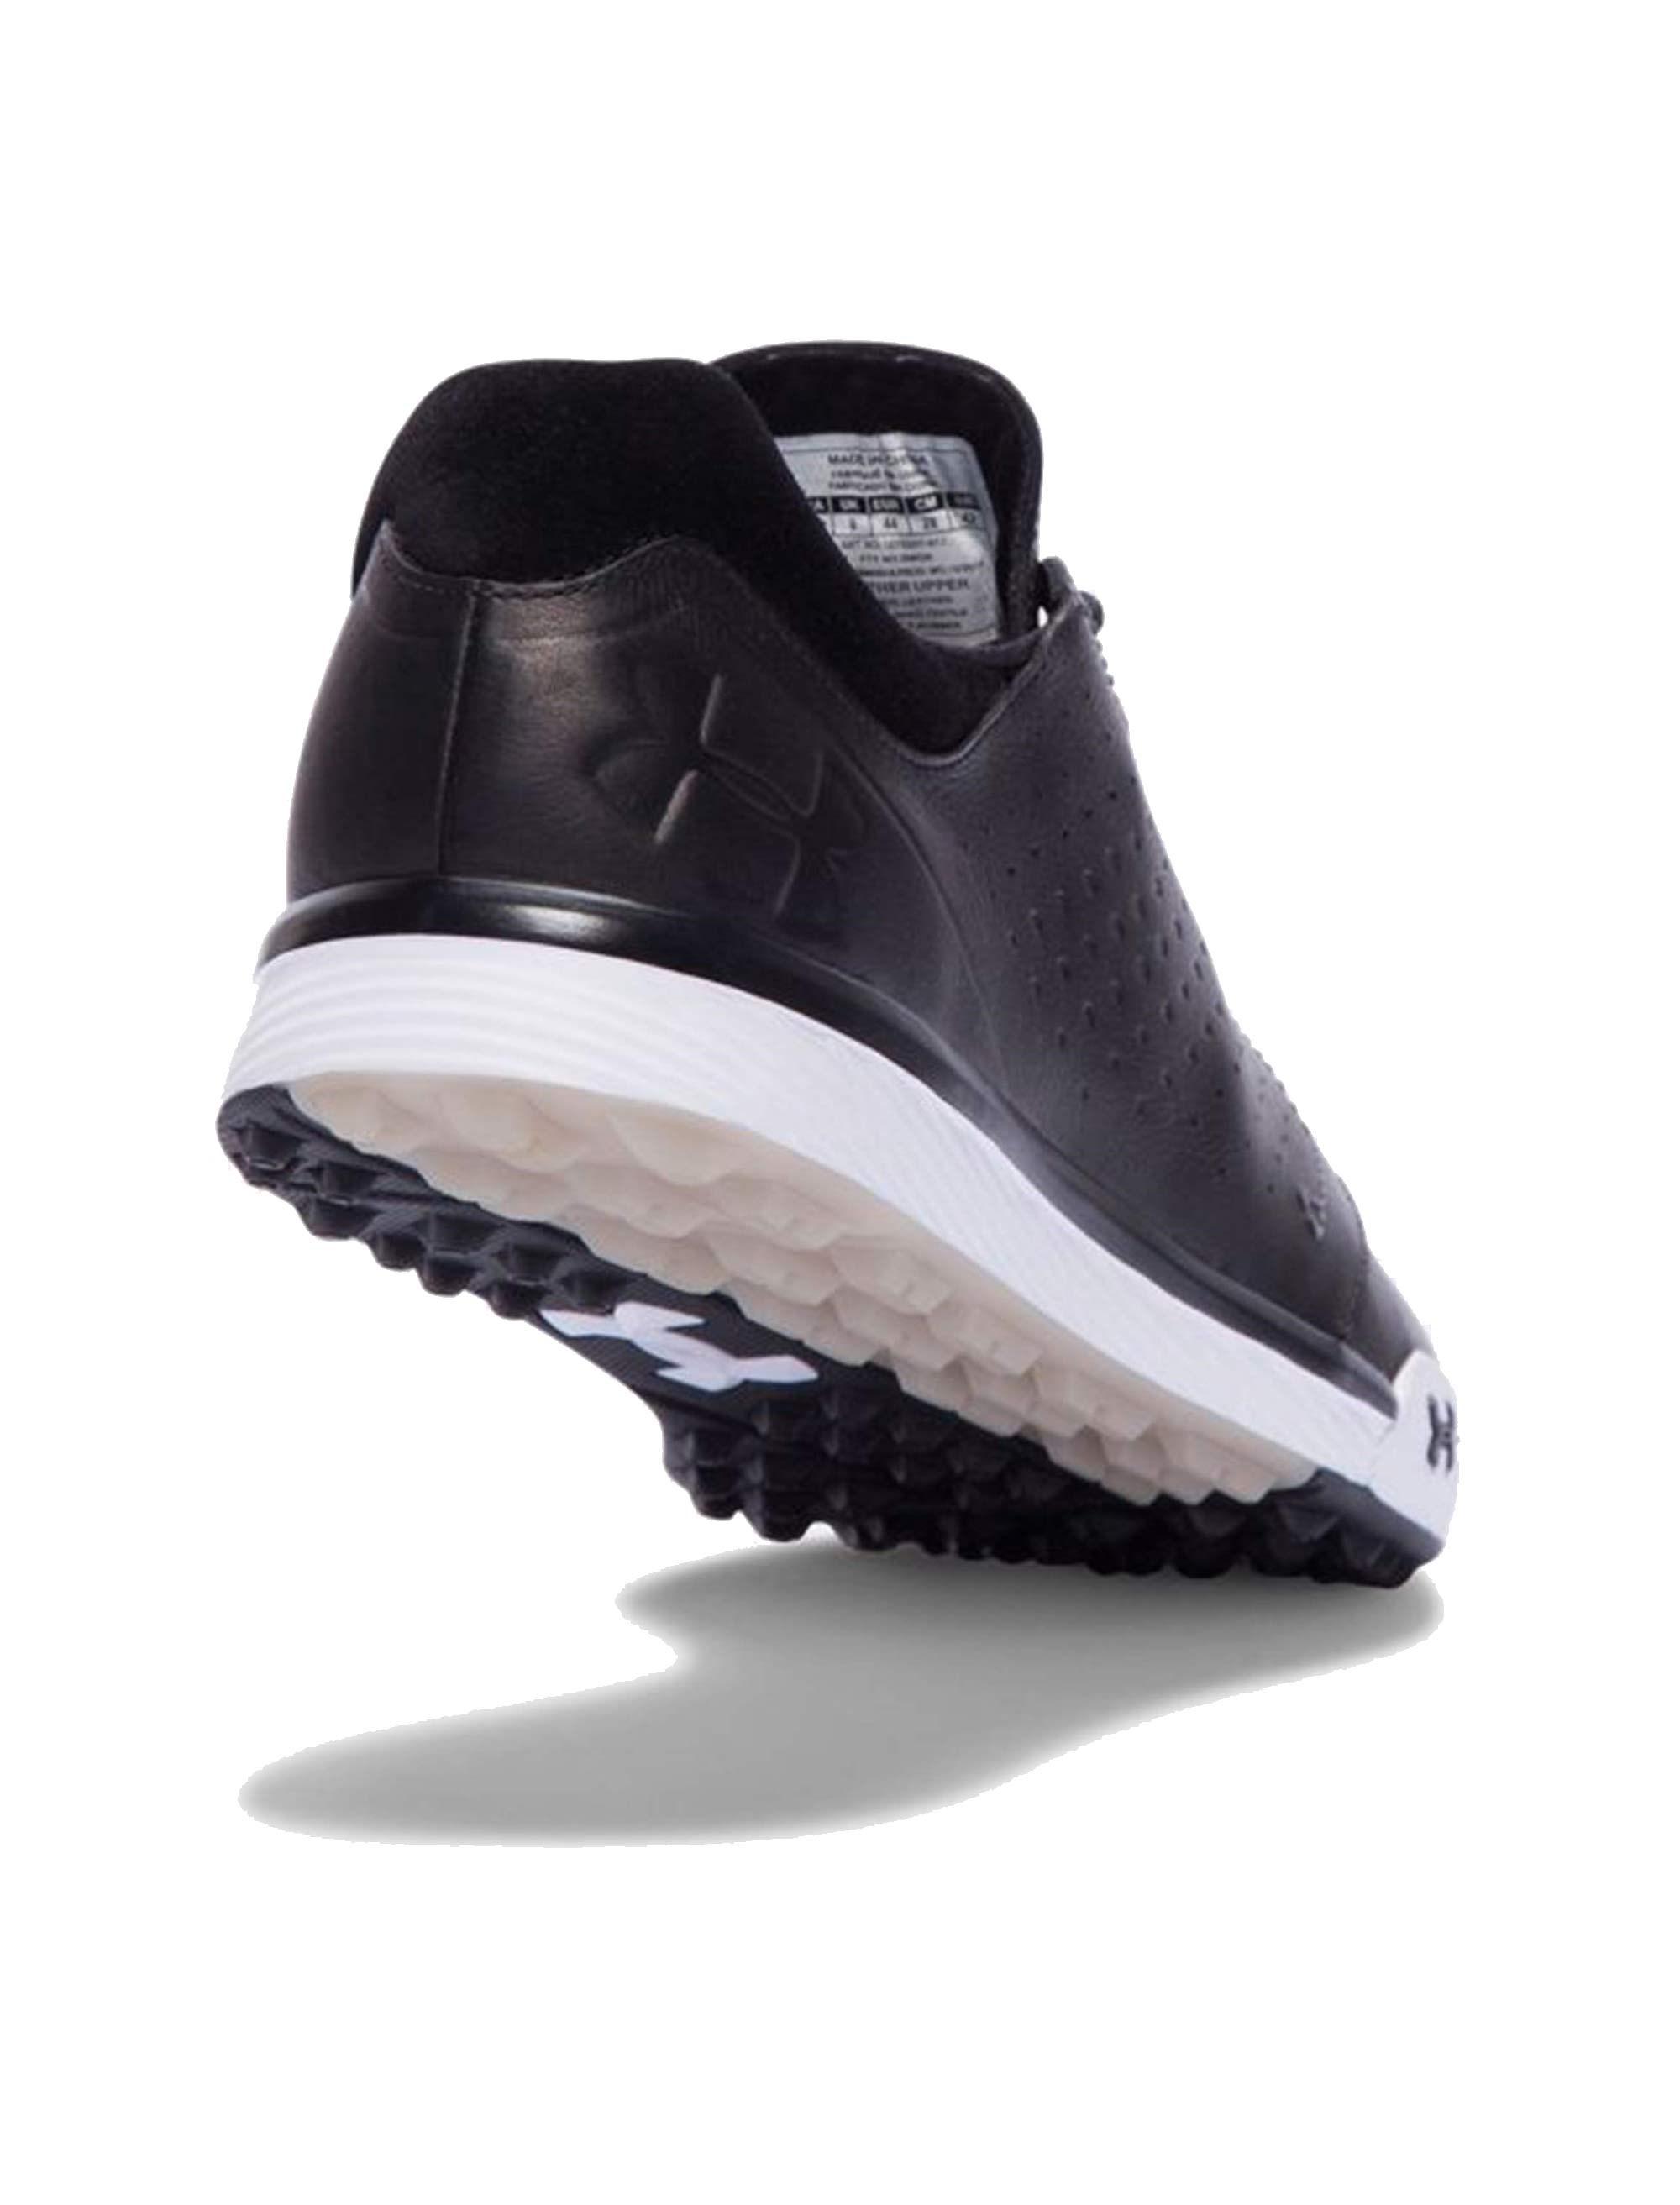 کفش گلف بندی مردانه Tempo Hybrid - آندر آرمور - مشکي - 4